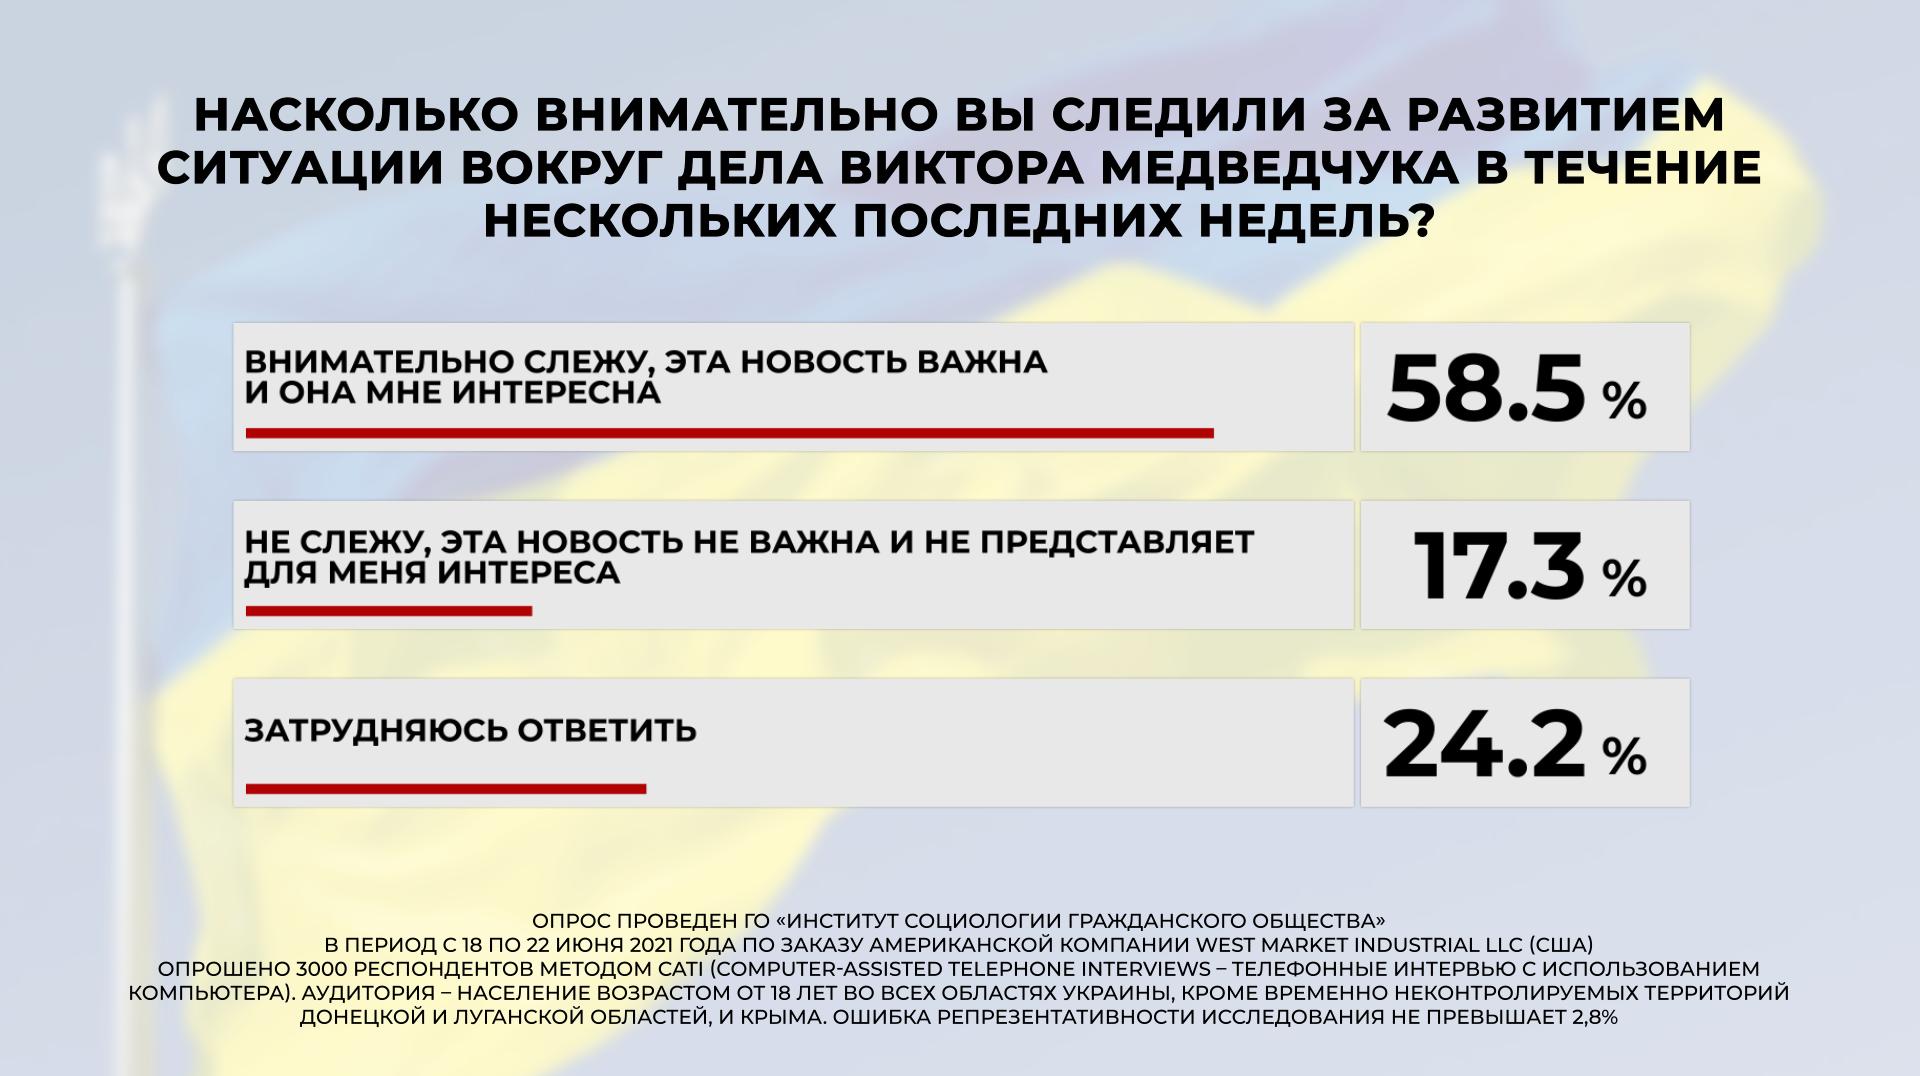 Суд над Медведчуком более 60% украинцев считают манипуляцией власти — опрос - фото 3